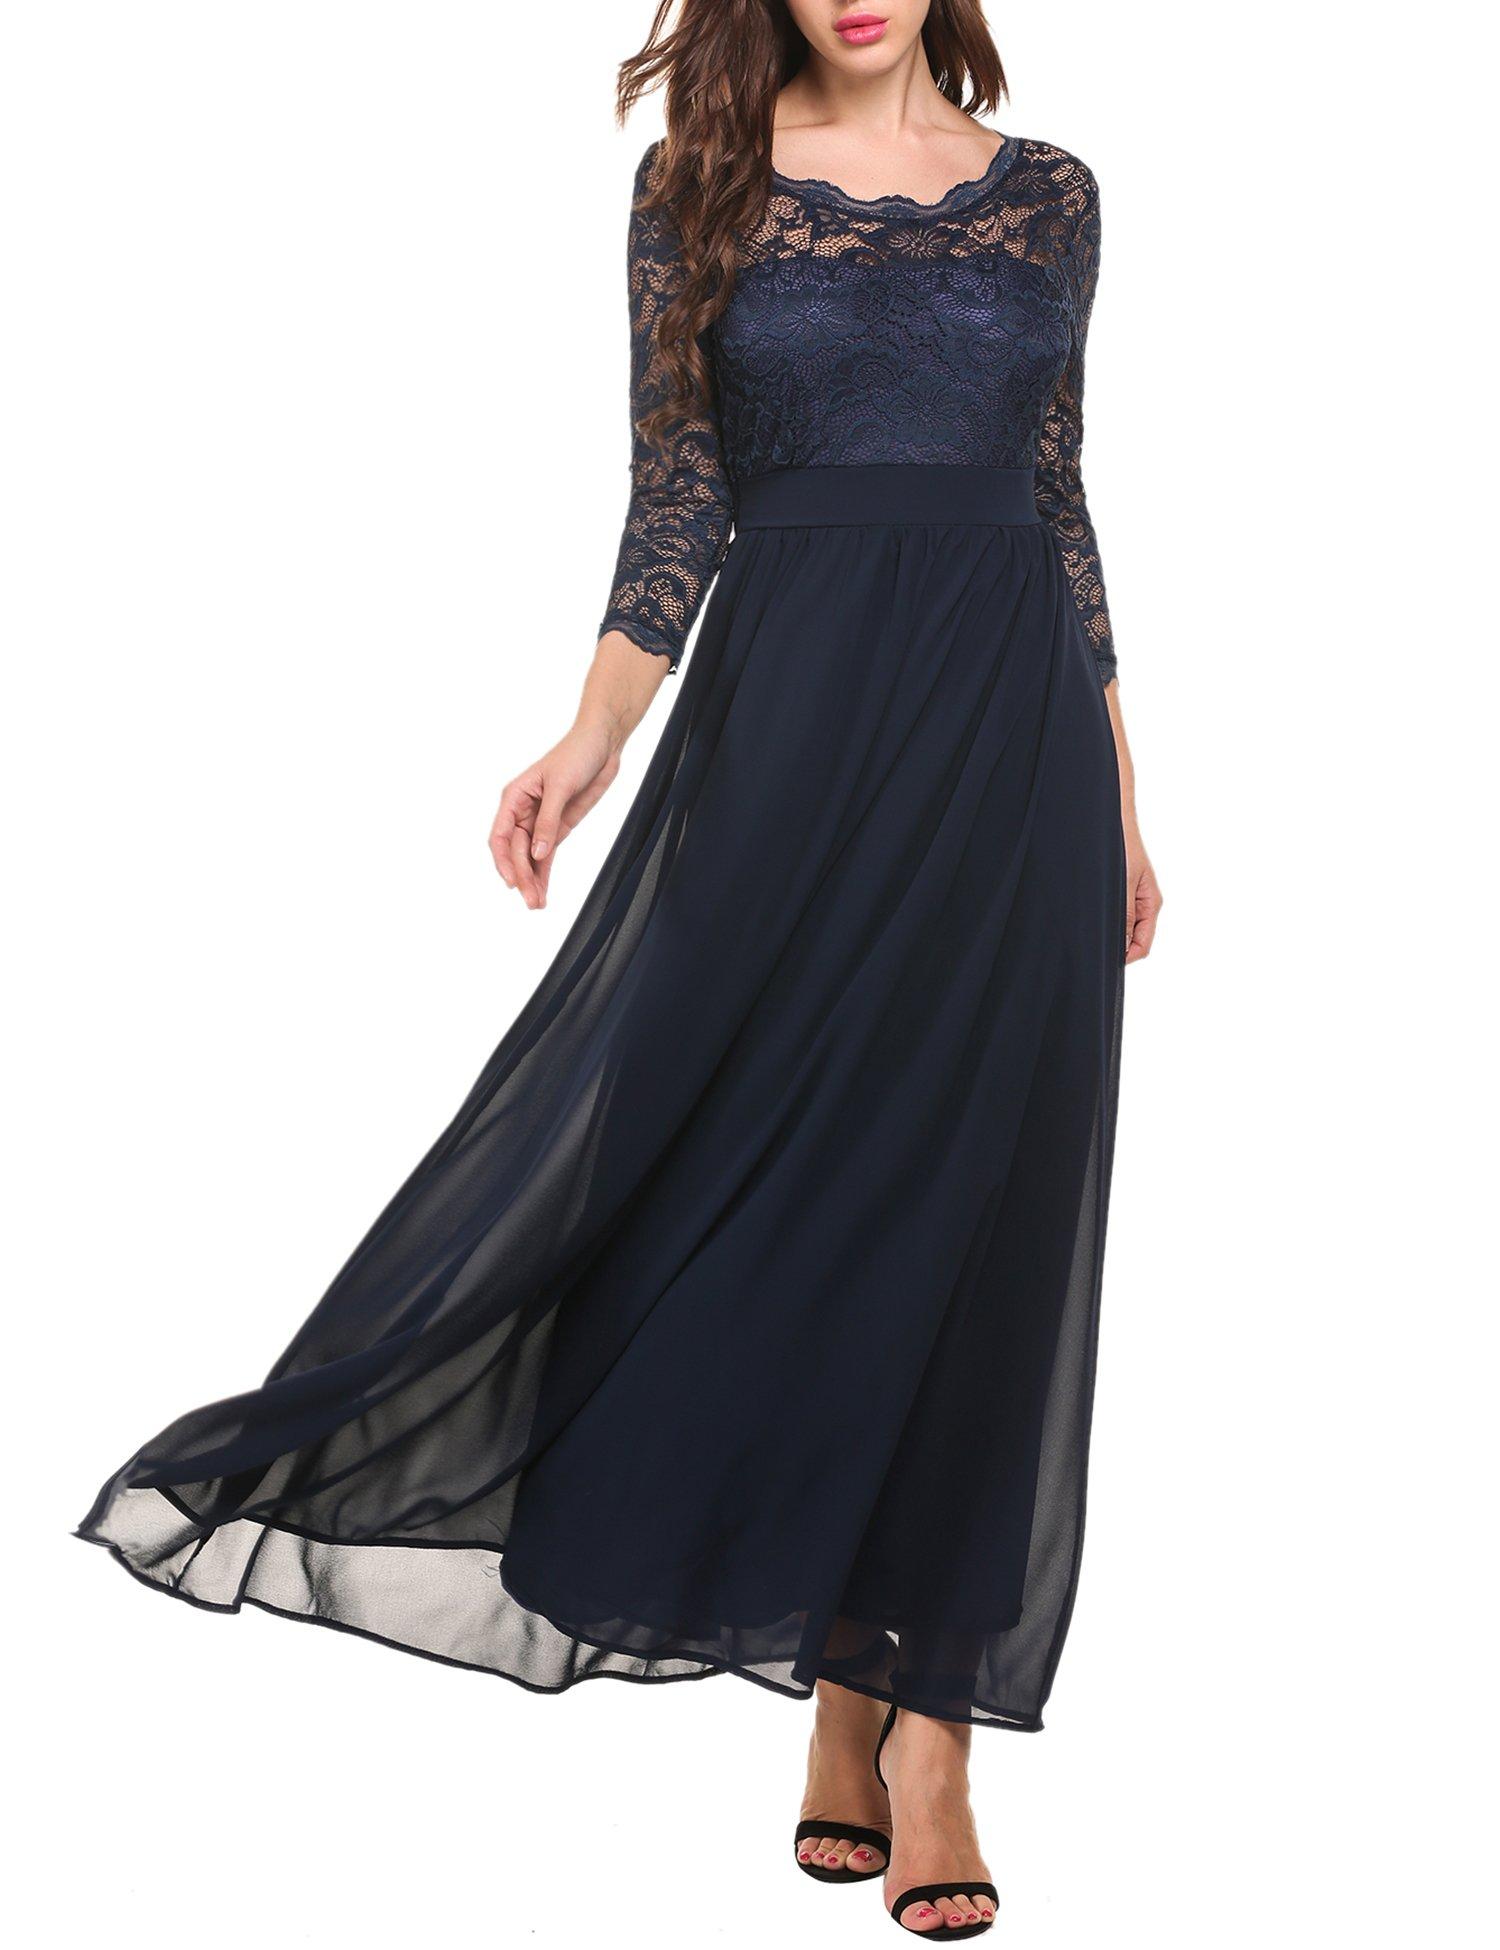 ACEVOG Women's Elegant Floral Lace Long Sleeve Evening Party Dress Blue L